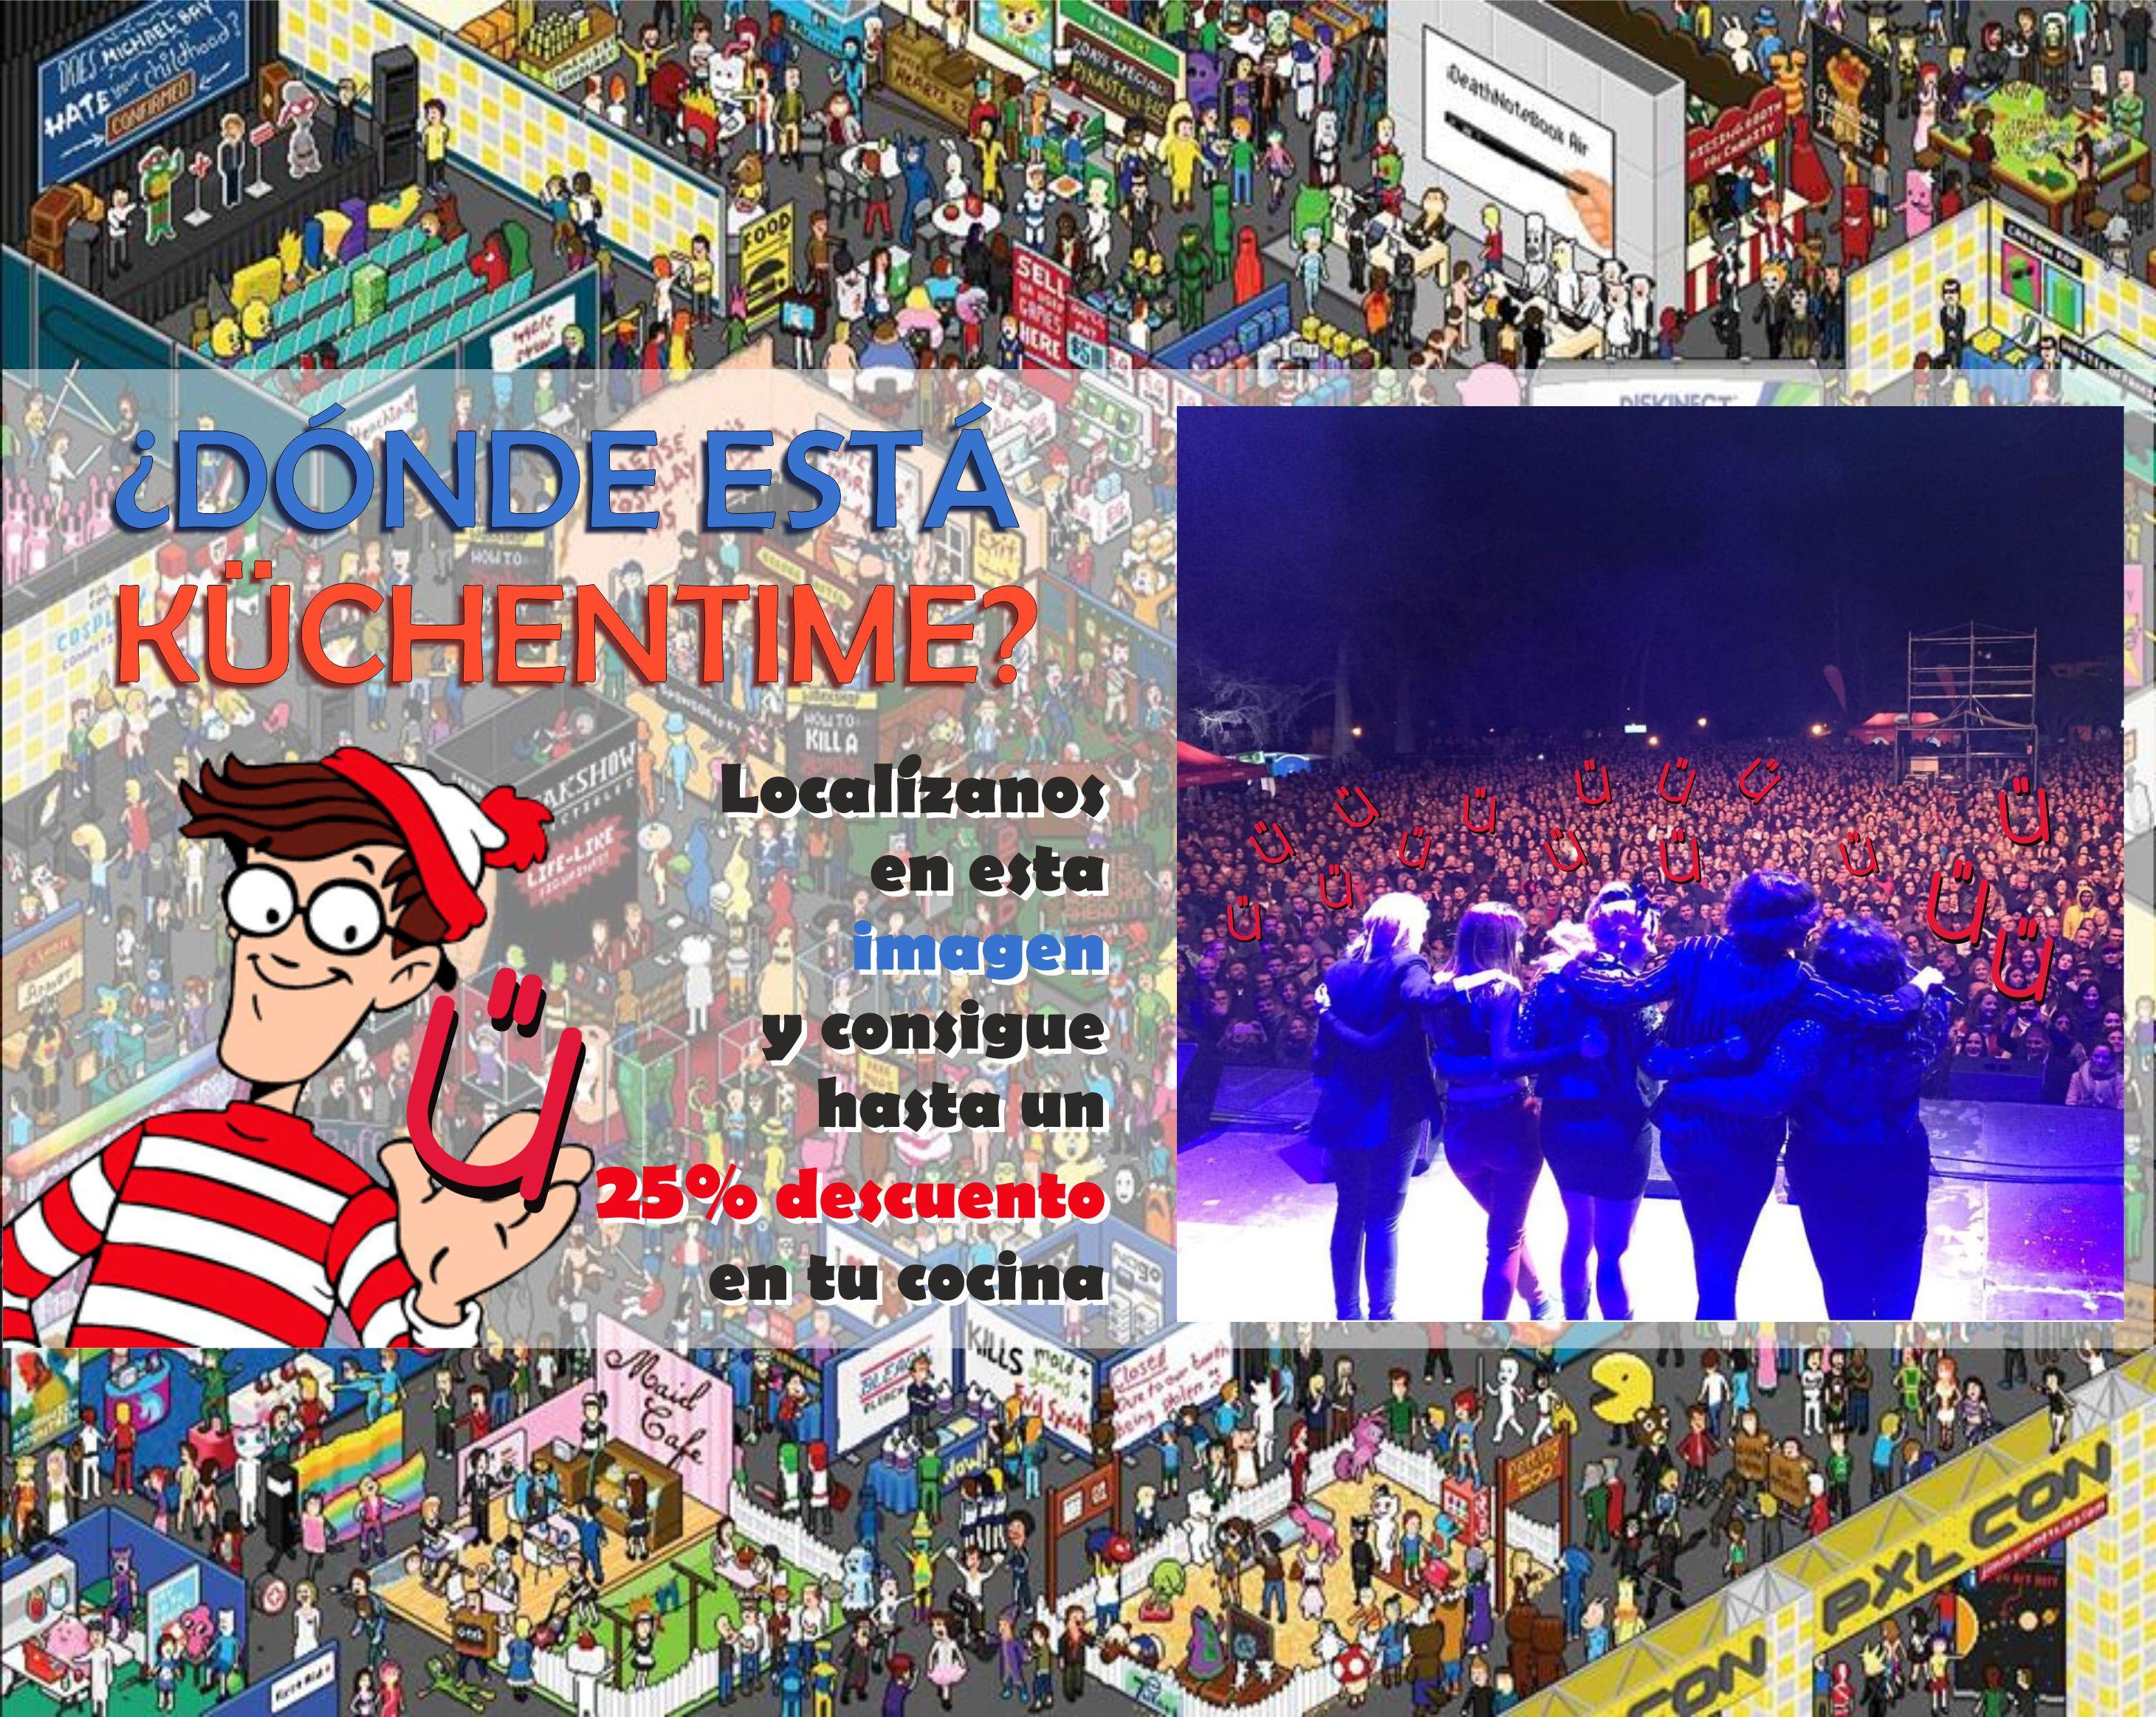 Promoción oferta de cocinas hasta el 25% de descuento en Valencia